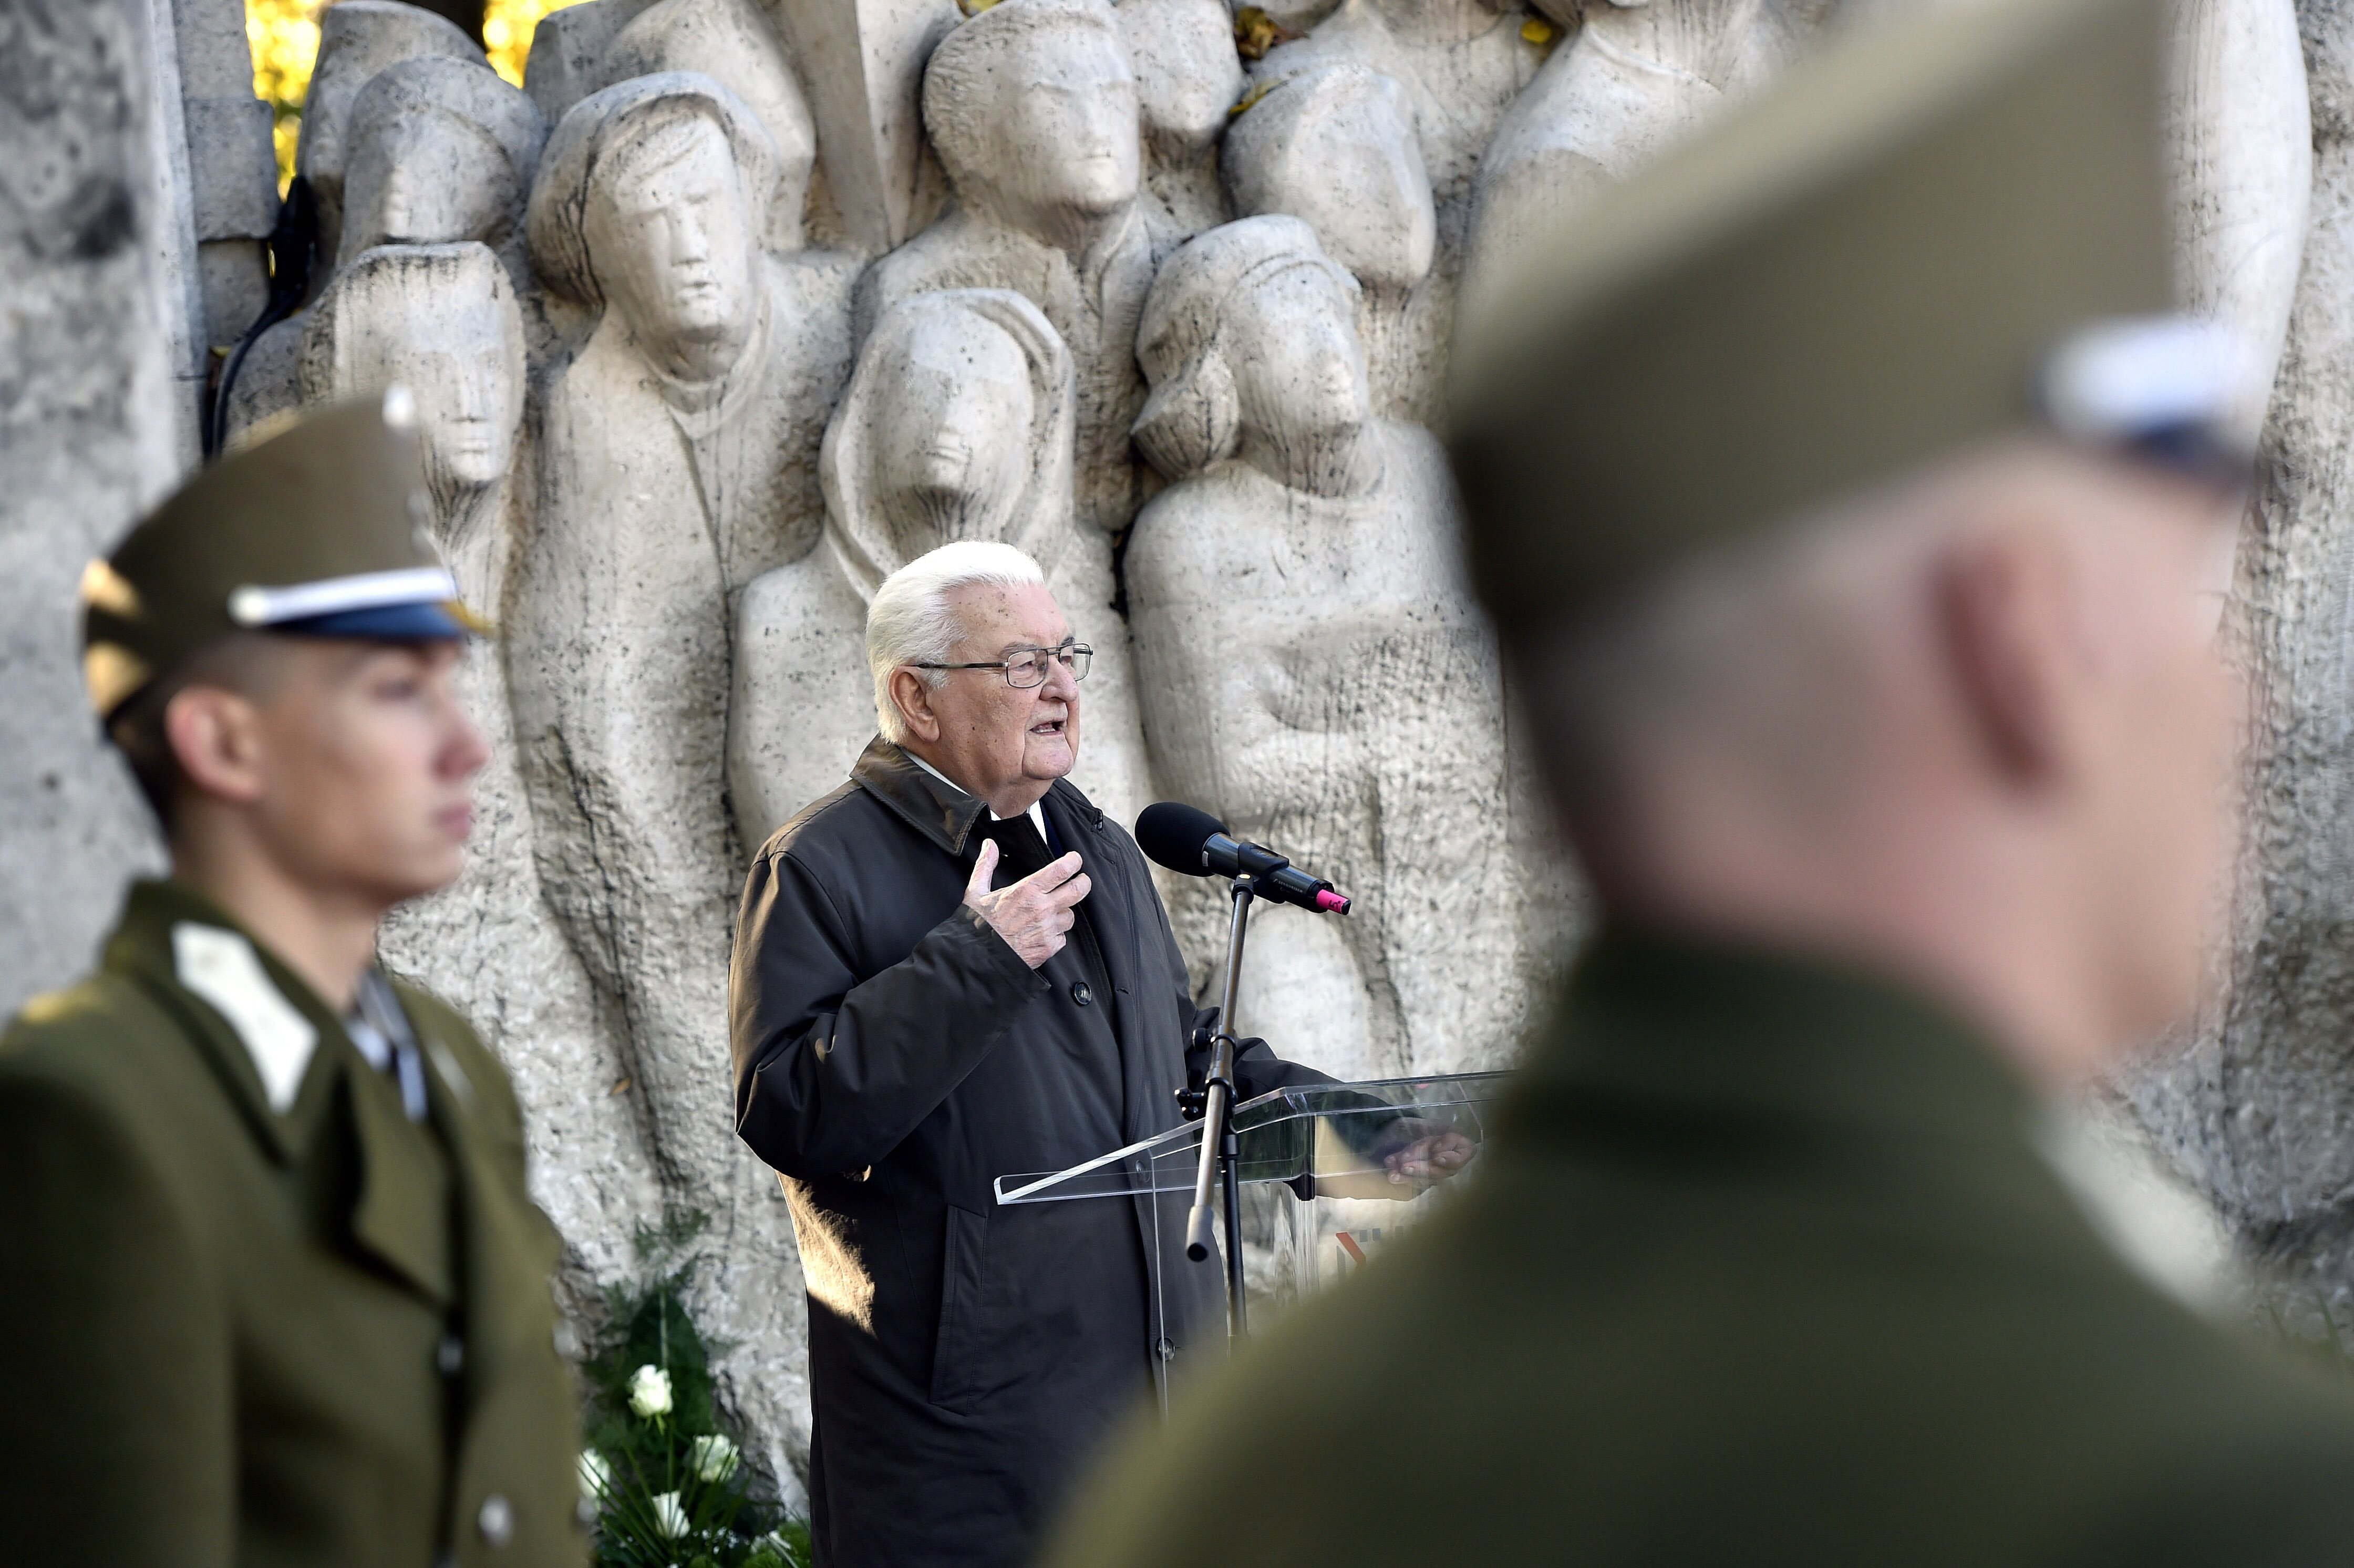 Boross Péter az október 23-i beszédében arról beszélt, hogy be kellene mutatni az amerikai imperialisták gaztetteit